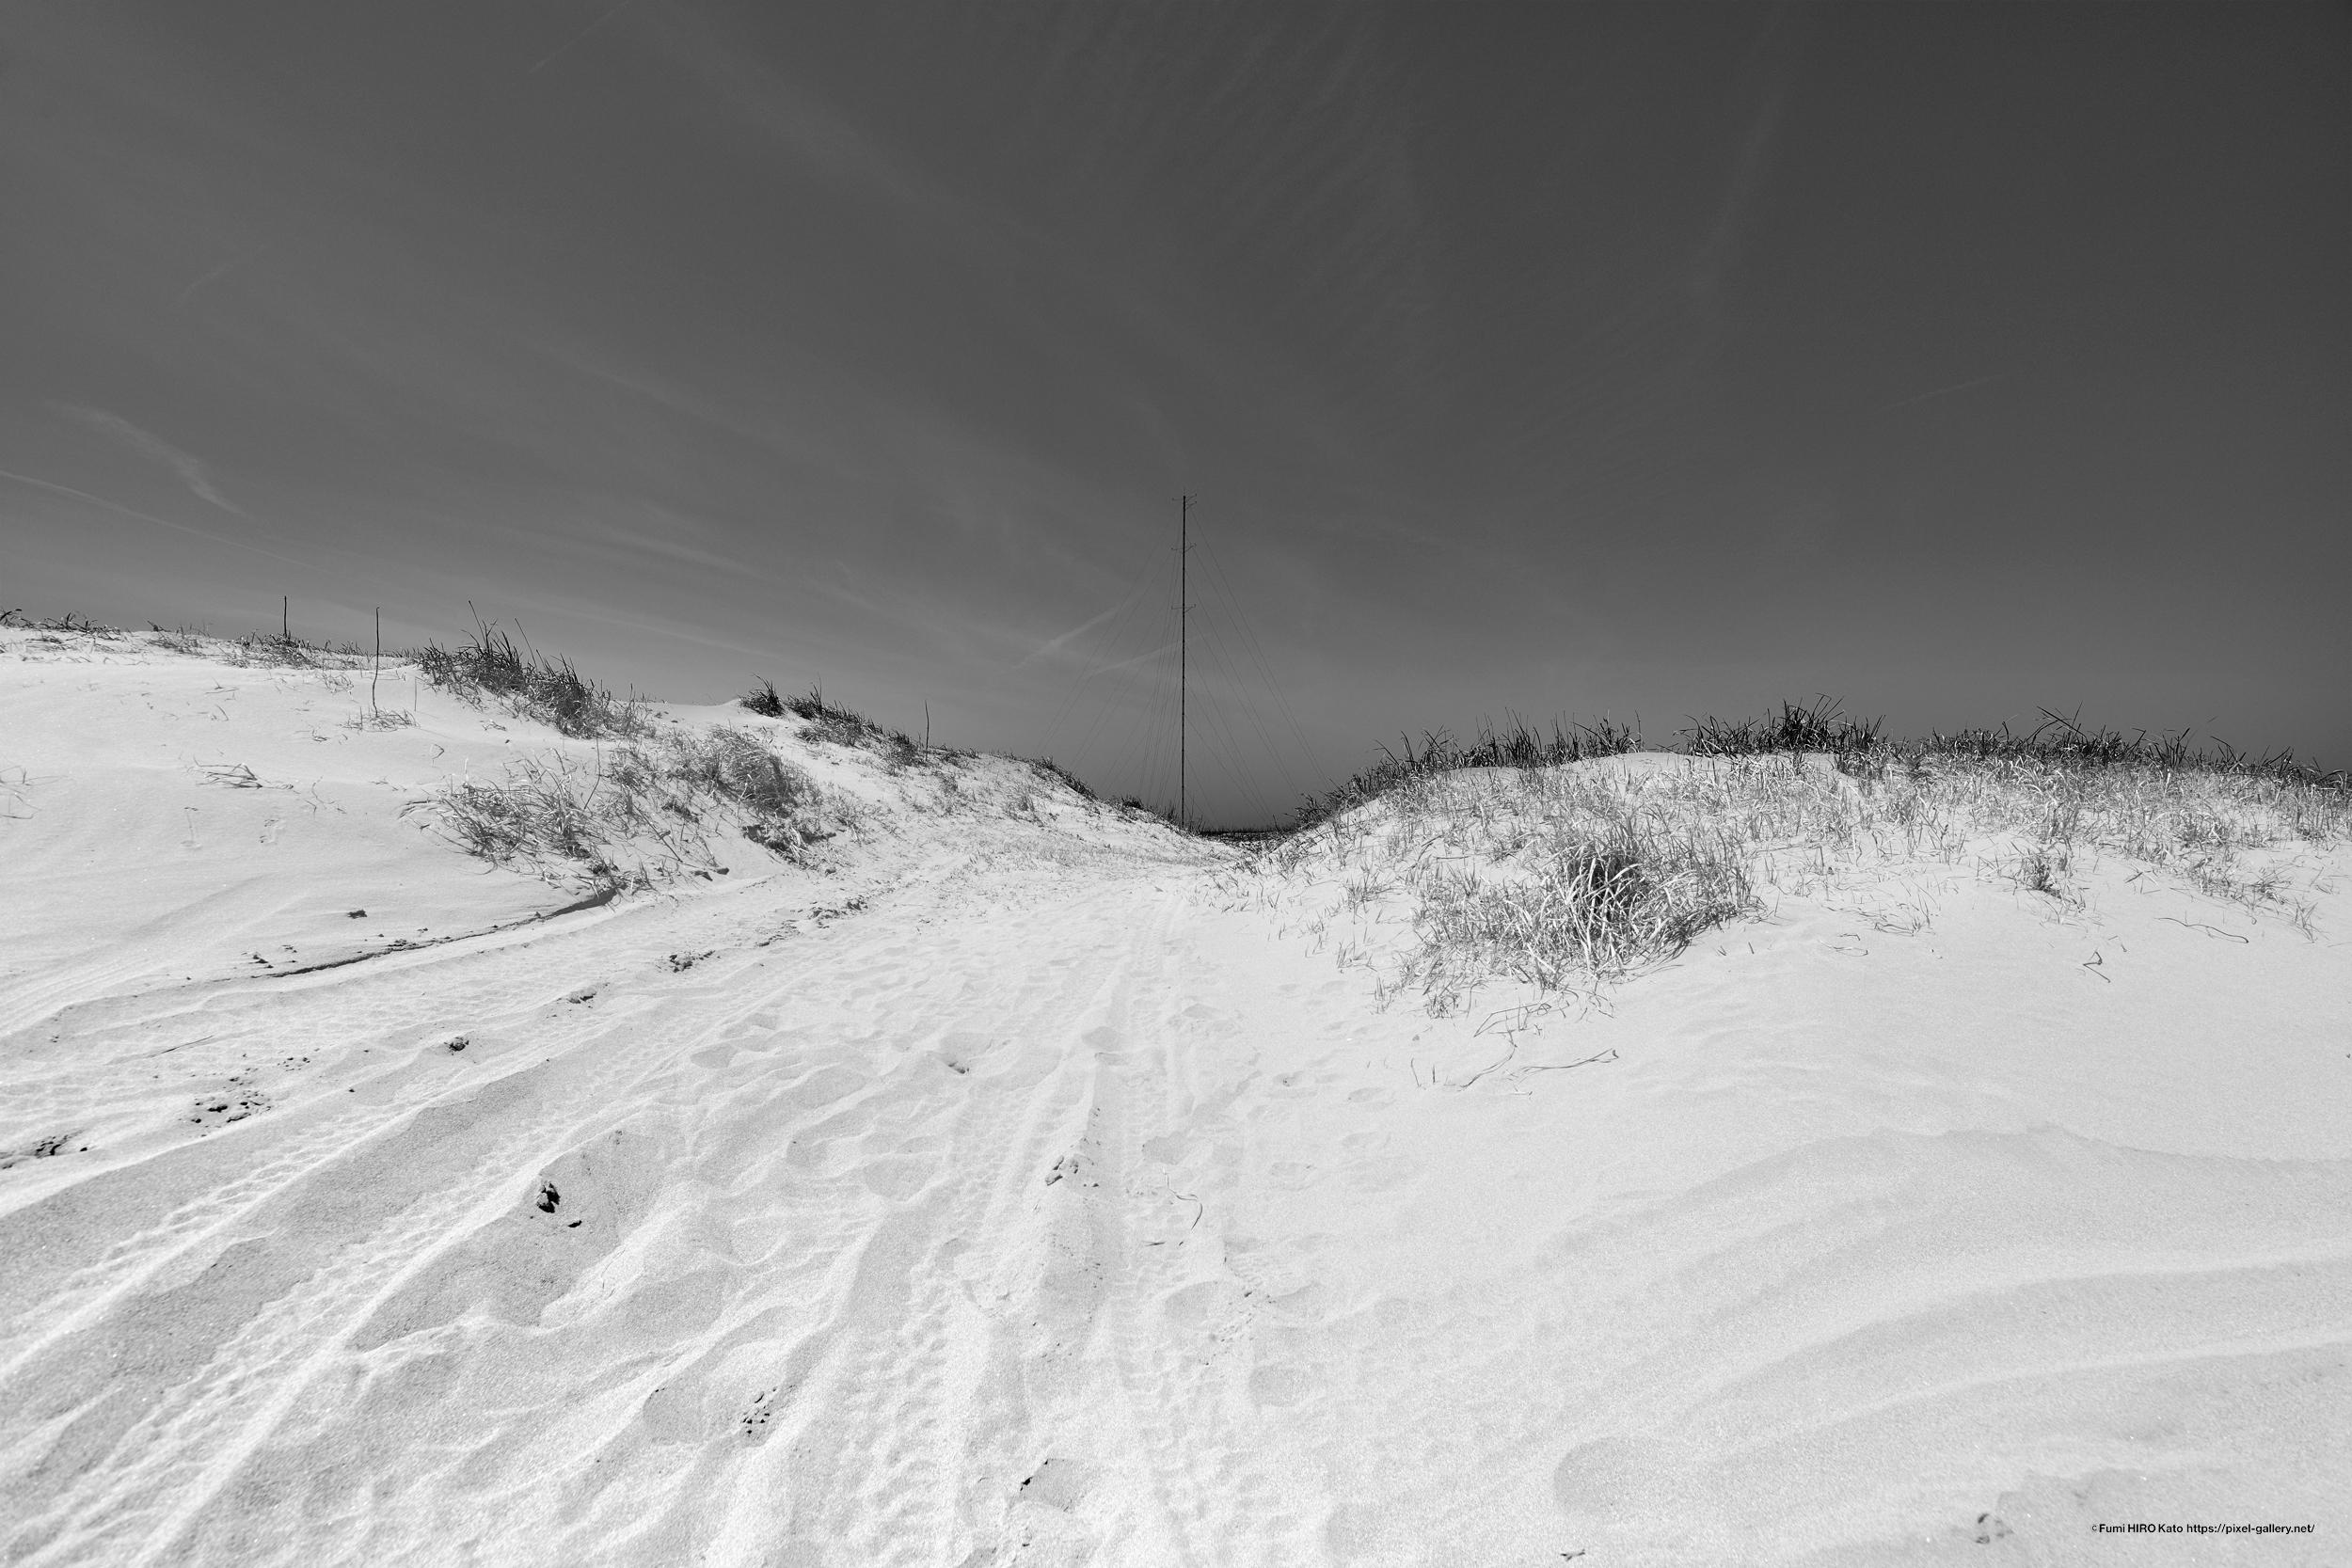 七歳、新潟、砂の記憶 19-004